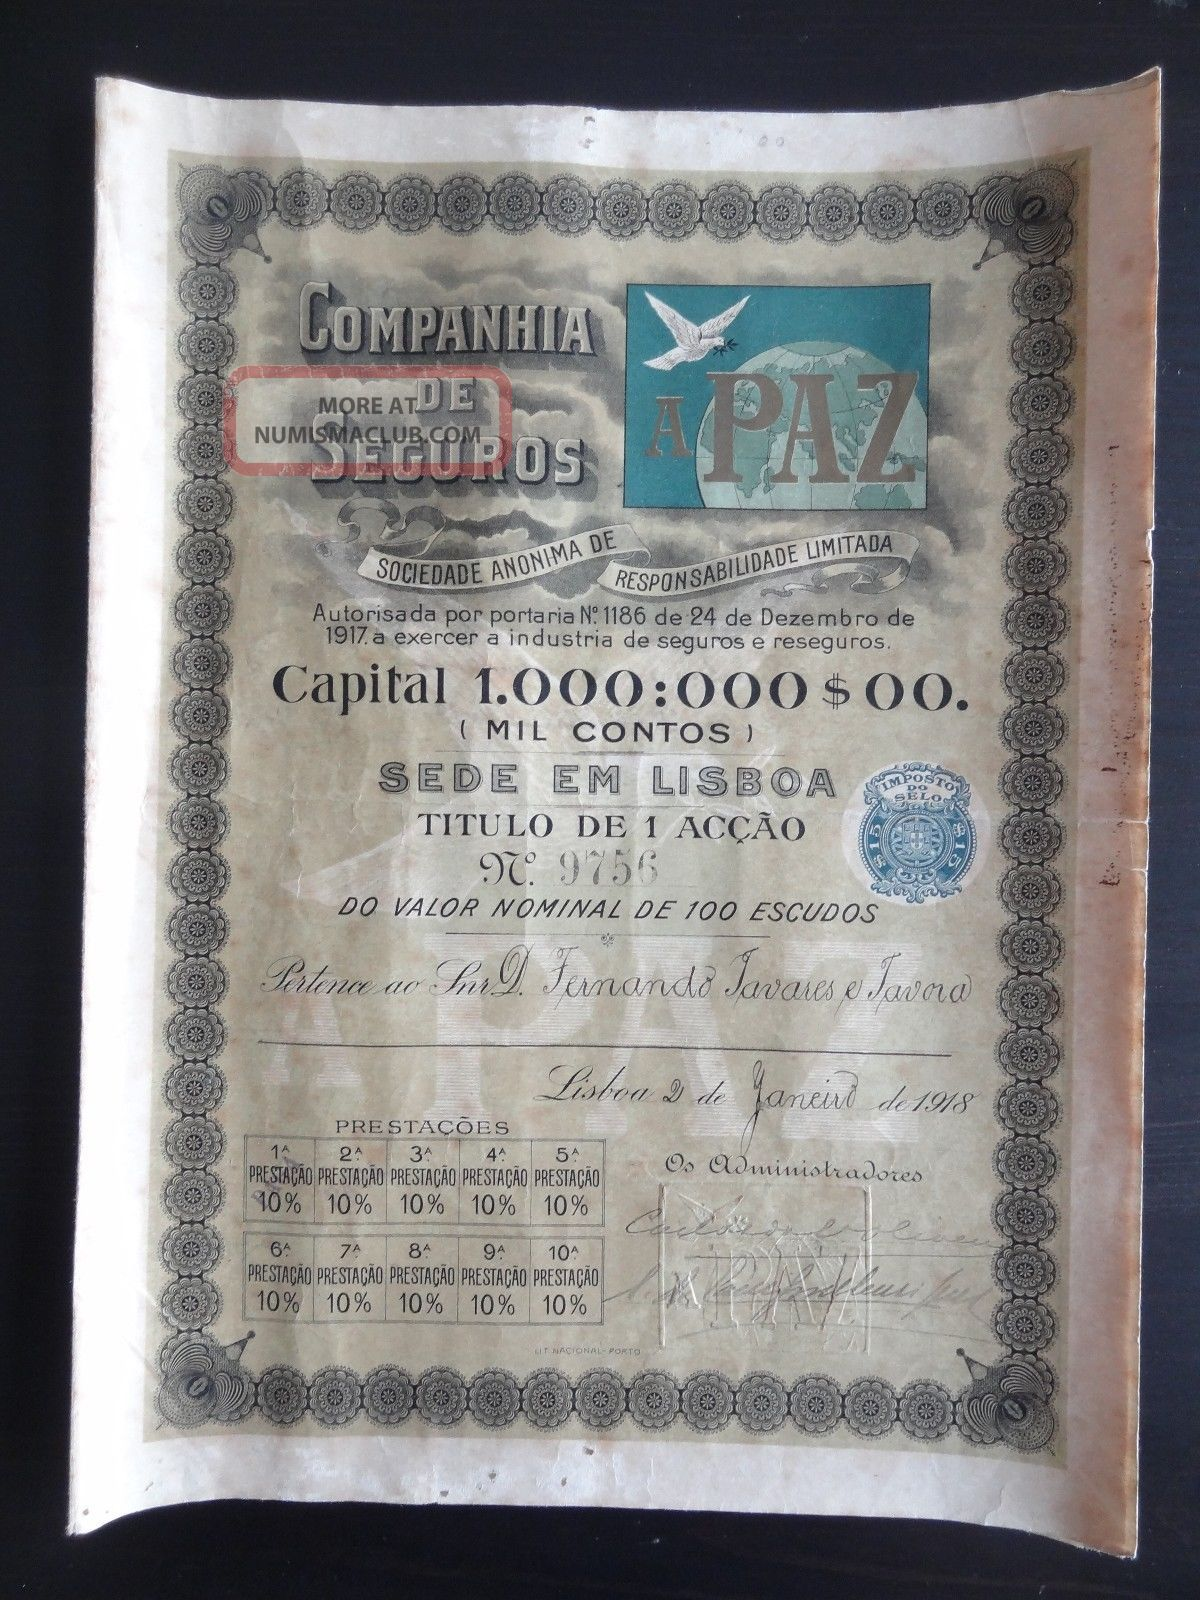 Portugal Rare Companhia De Seguros A Paz 1918 Share 100 Escudos (stock - Bond) World photo